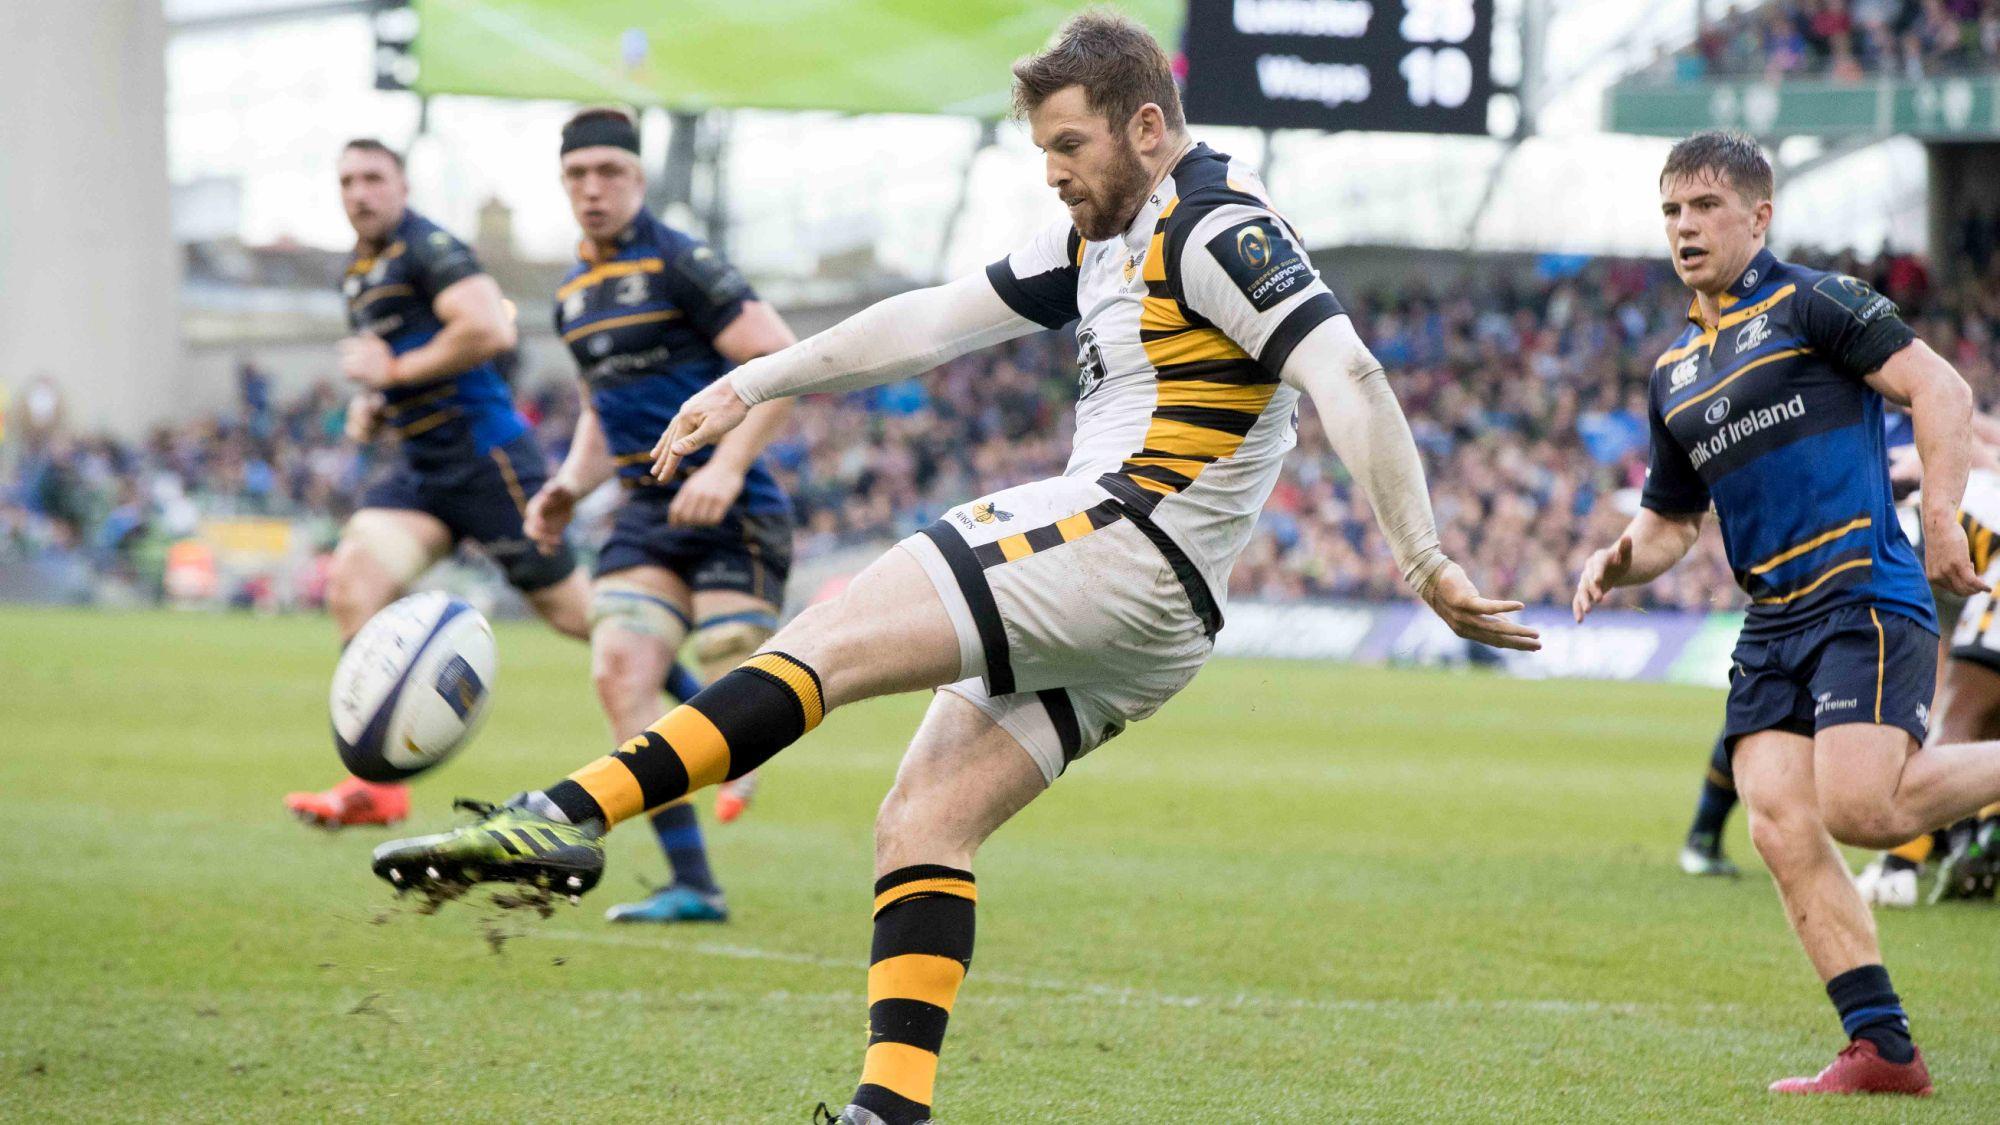 Wasps duo bid for Premiership glory